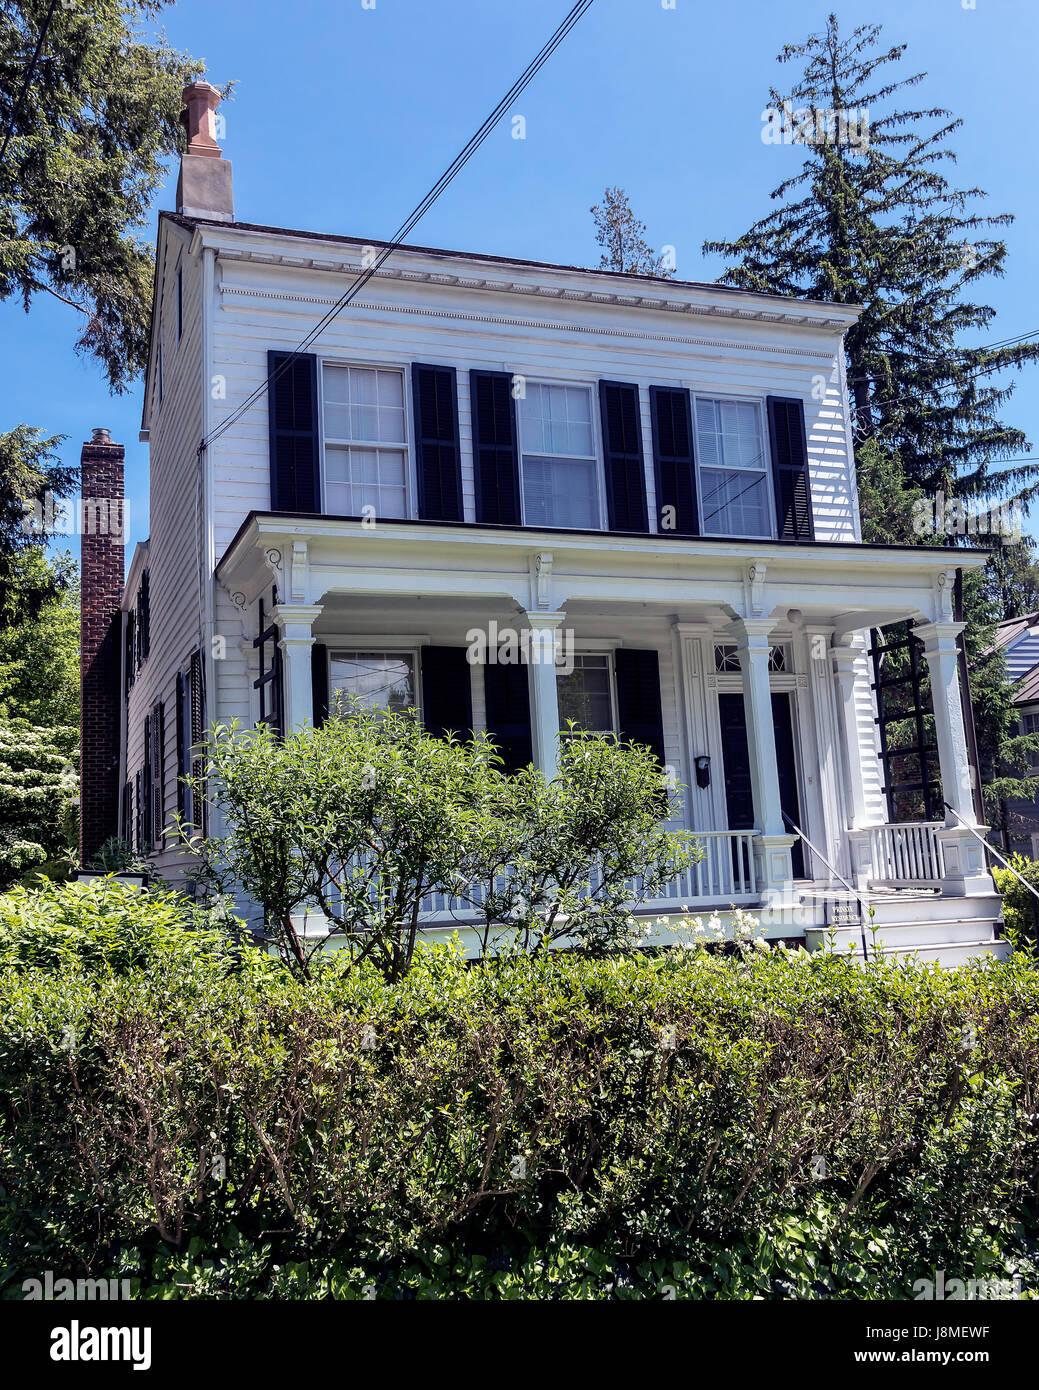 Die Albert-Einstein-Haus - National Register of Historic ...